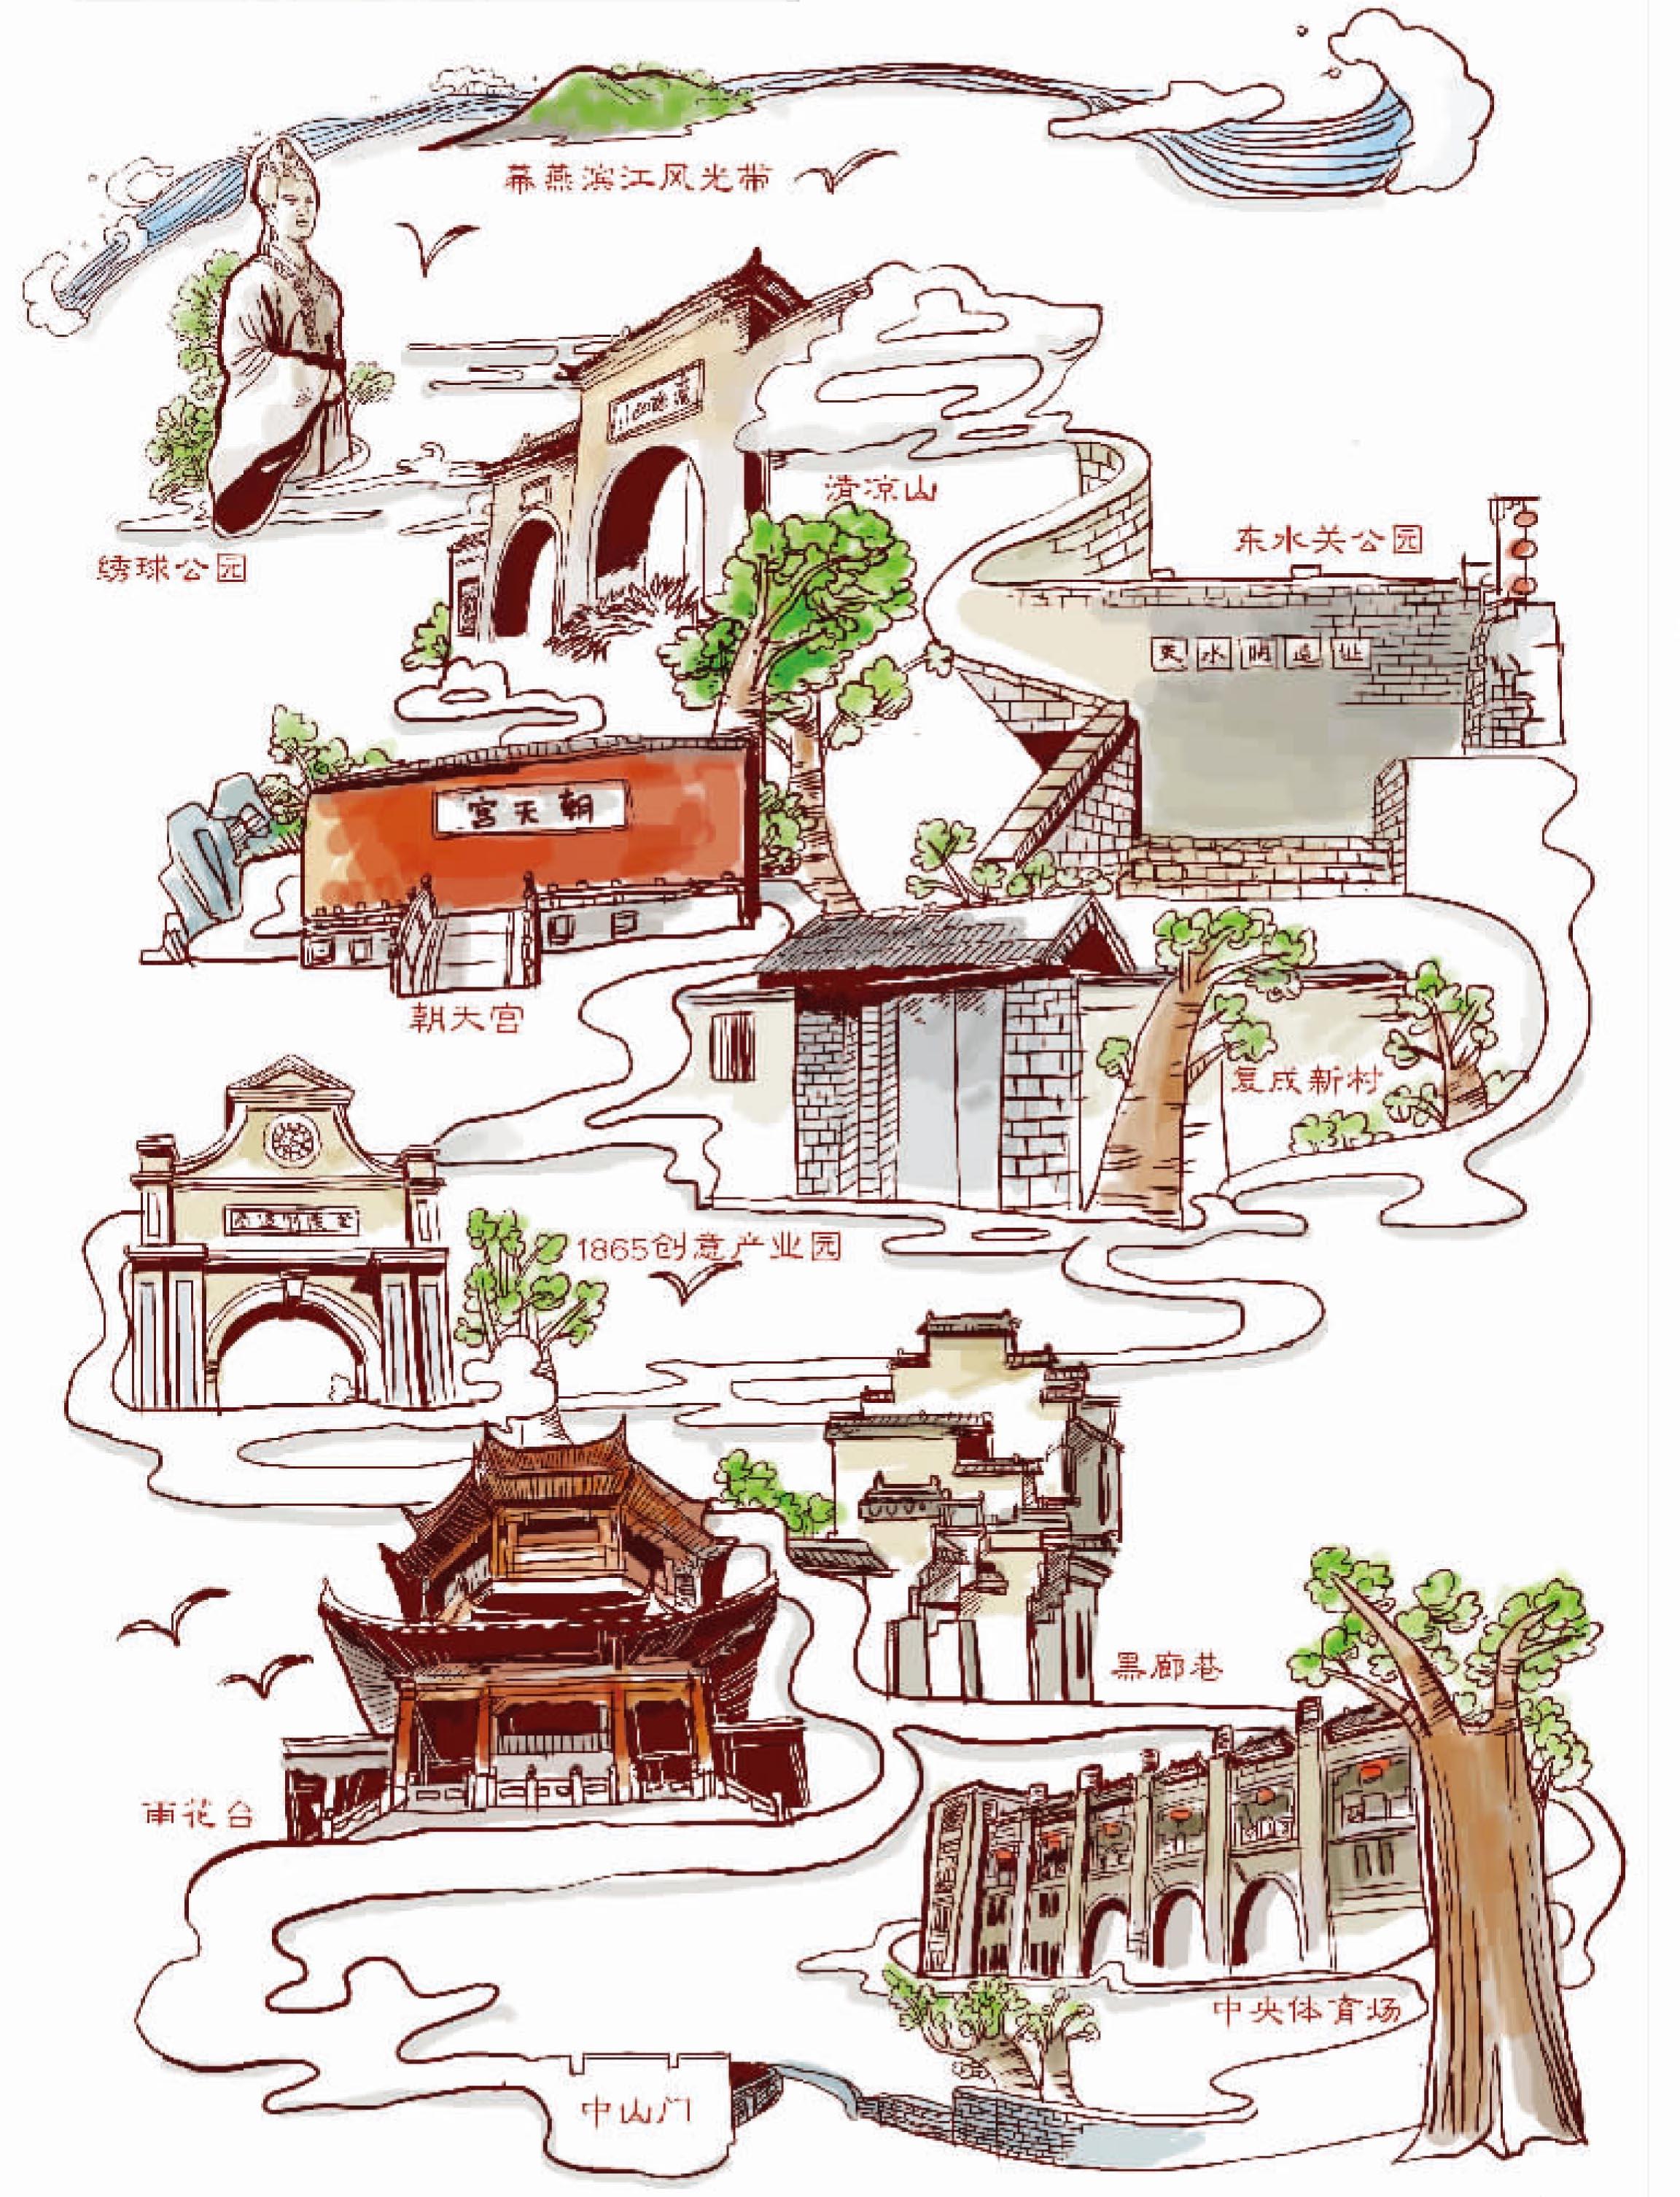 清明踏青人文地图 带你 穿越 南京